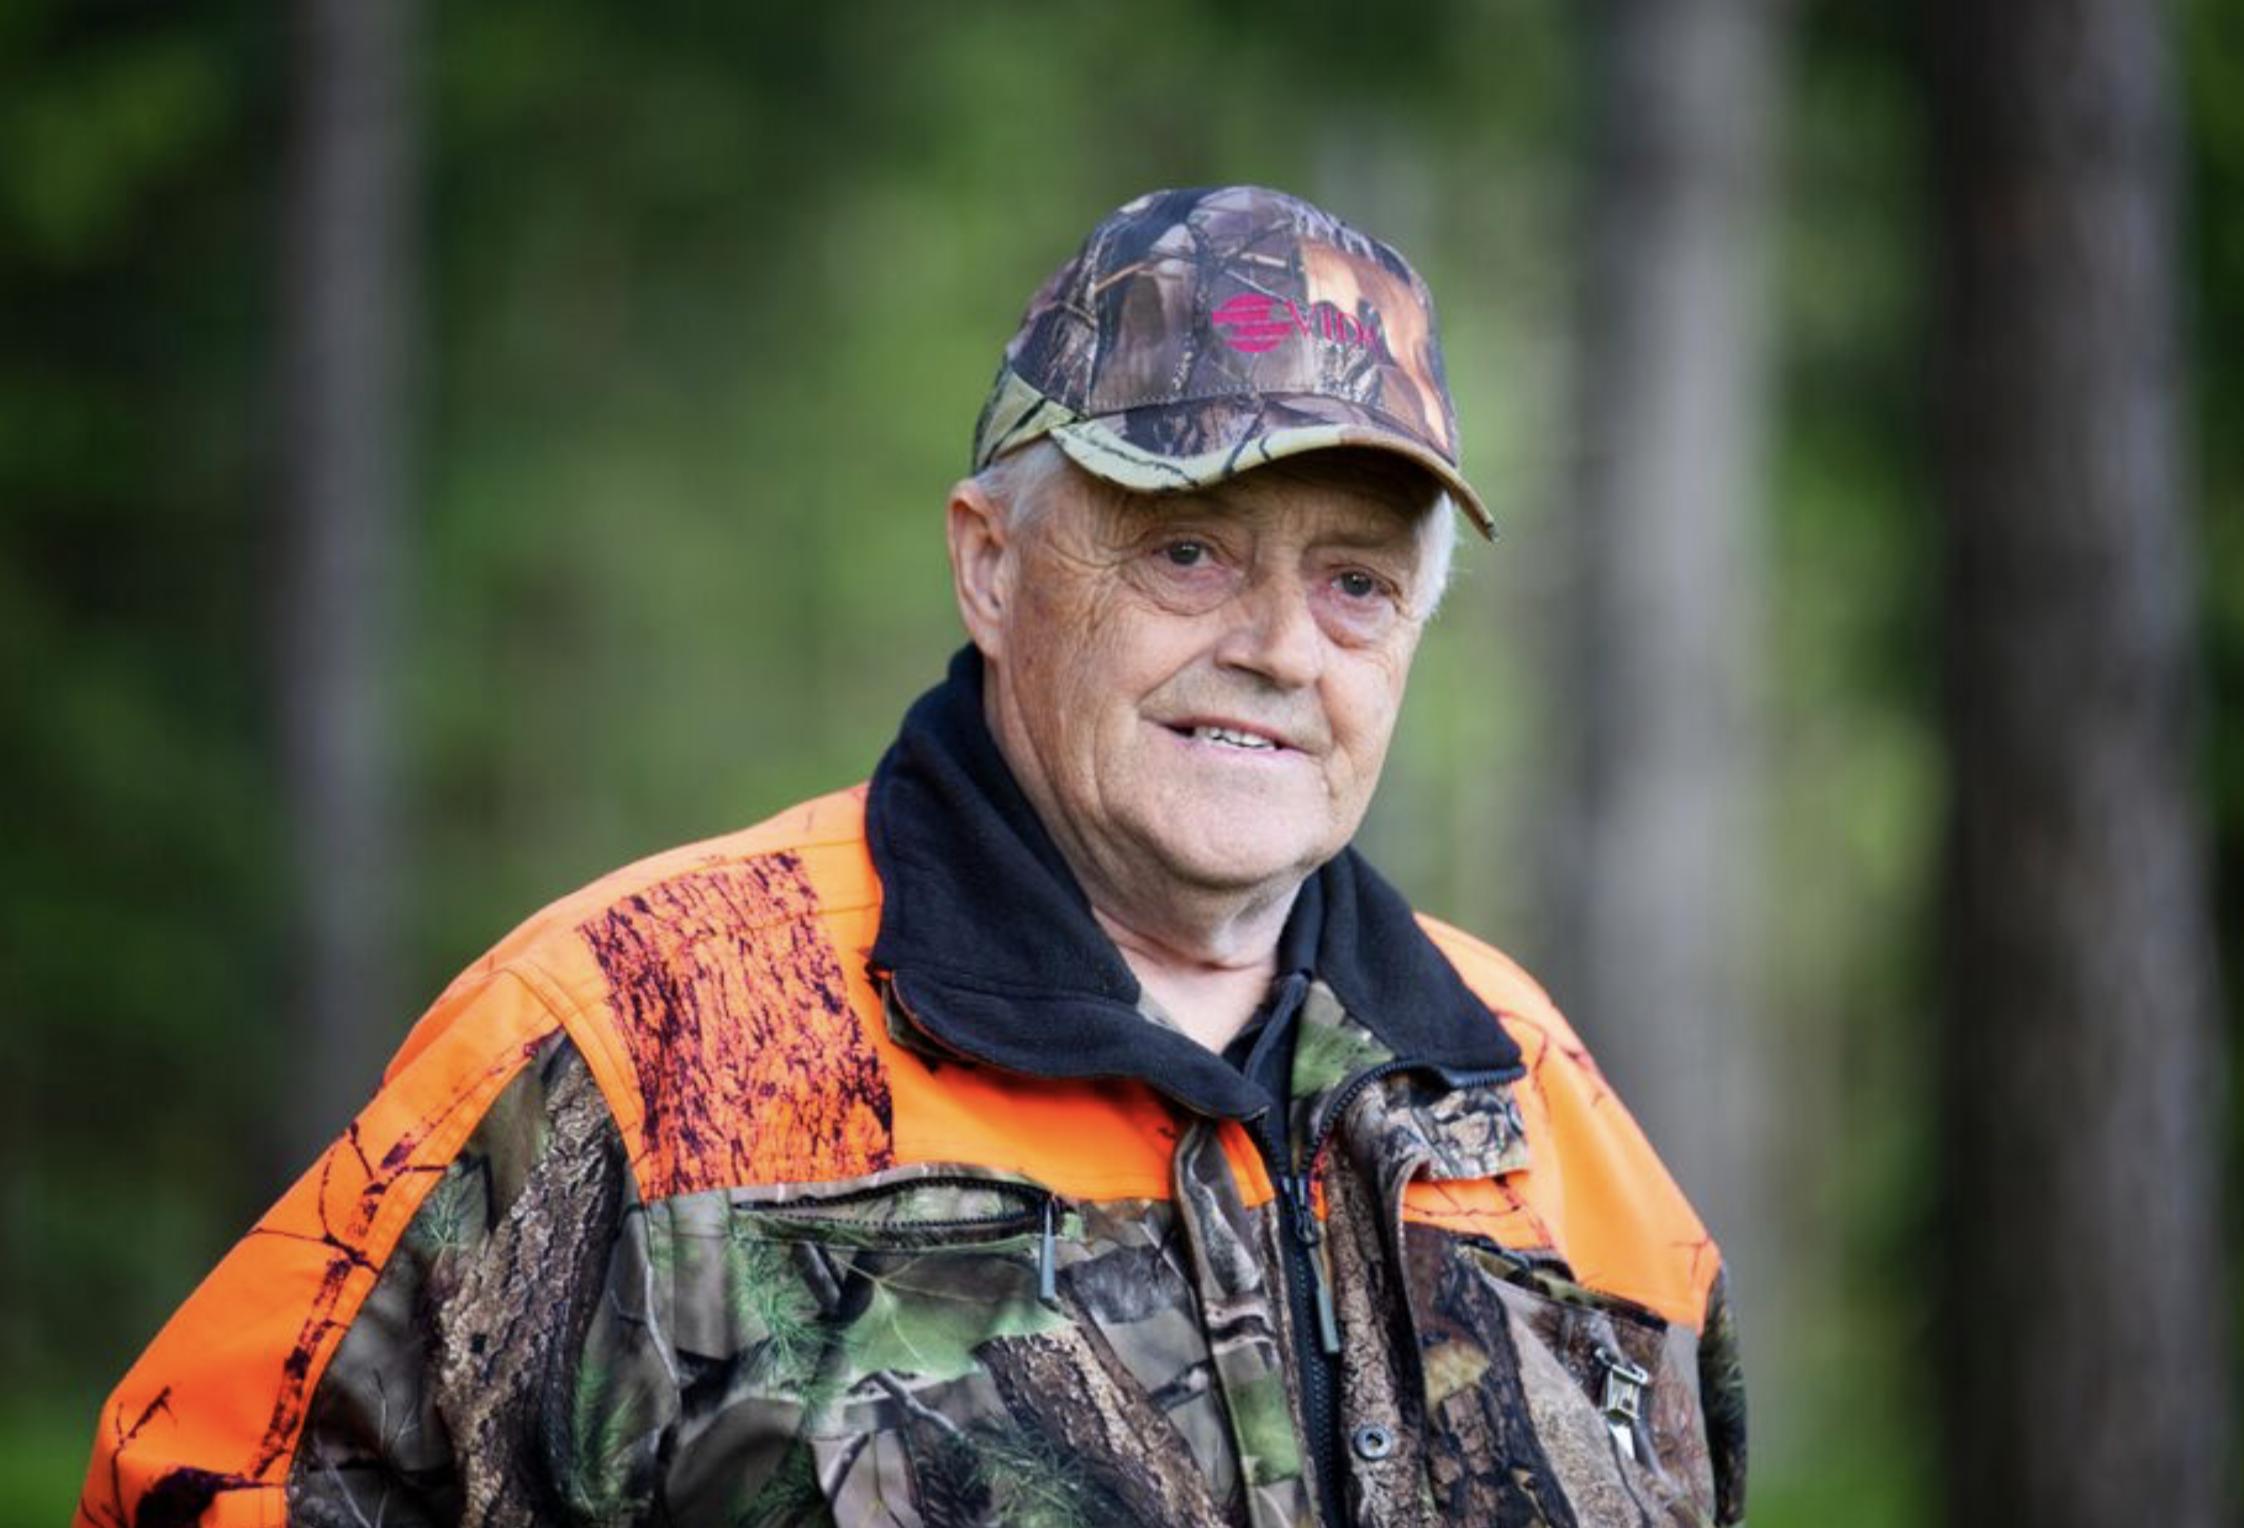 – Jag kör ofta extra lydnadsträningen inför ett jaktprov. Lydnad ger höga poäng på jaktprov, understryker Bertil Sandin.